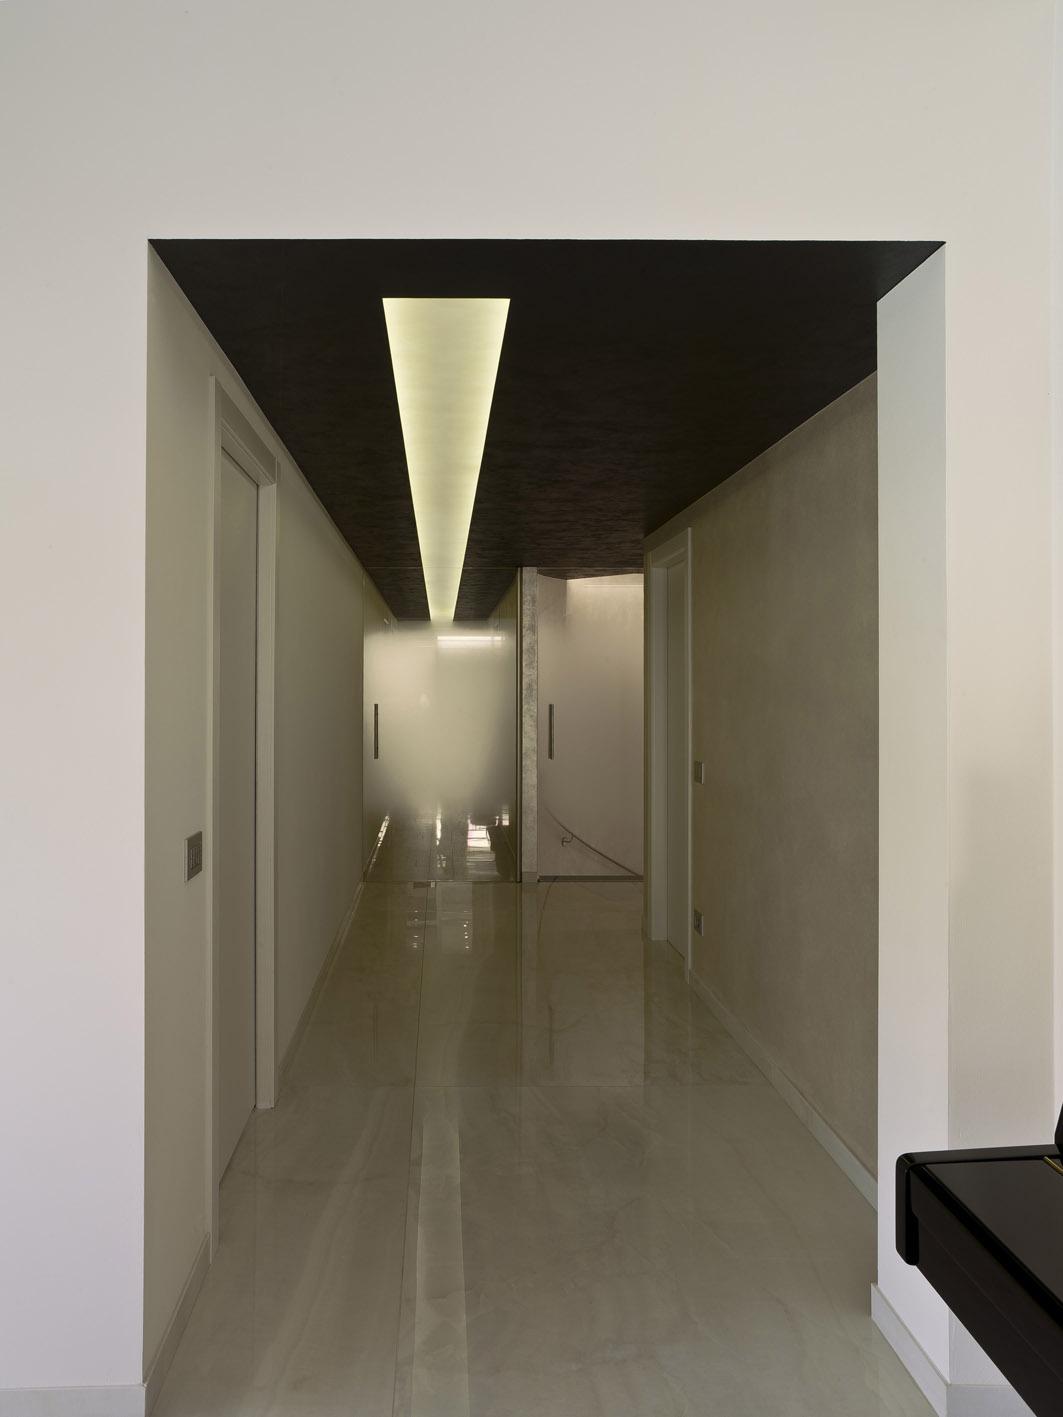 casa MG architettura d'interni simone casarotto design corridoio marmo led incasso